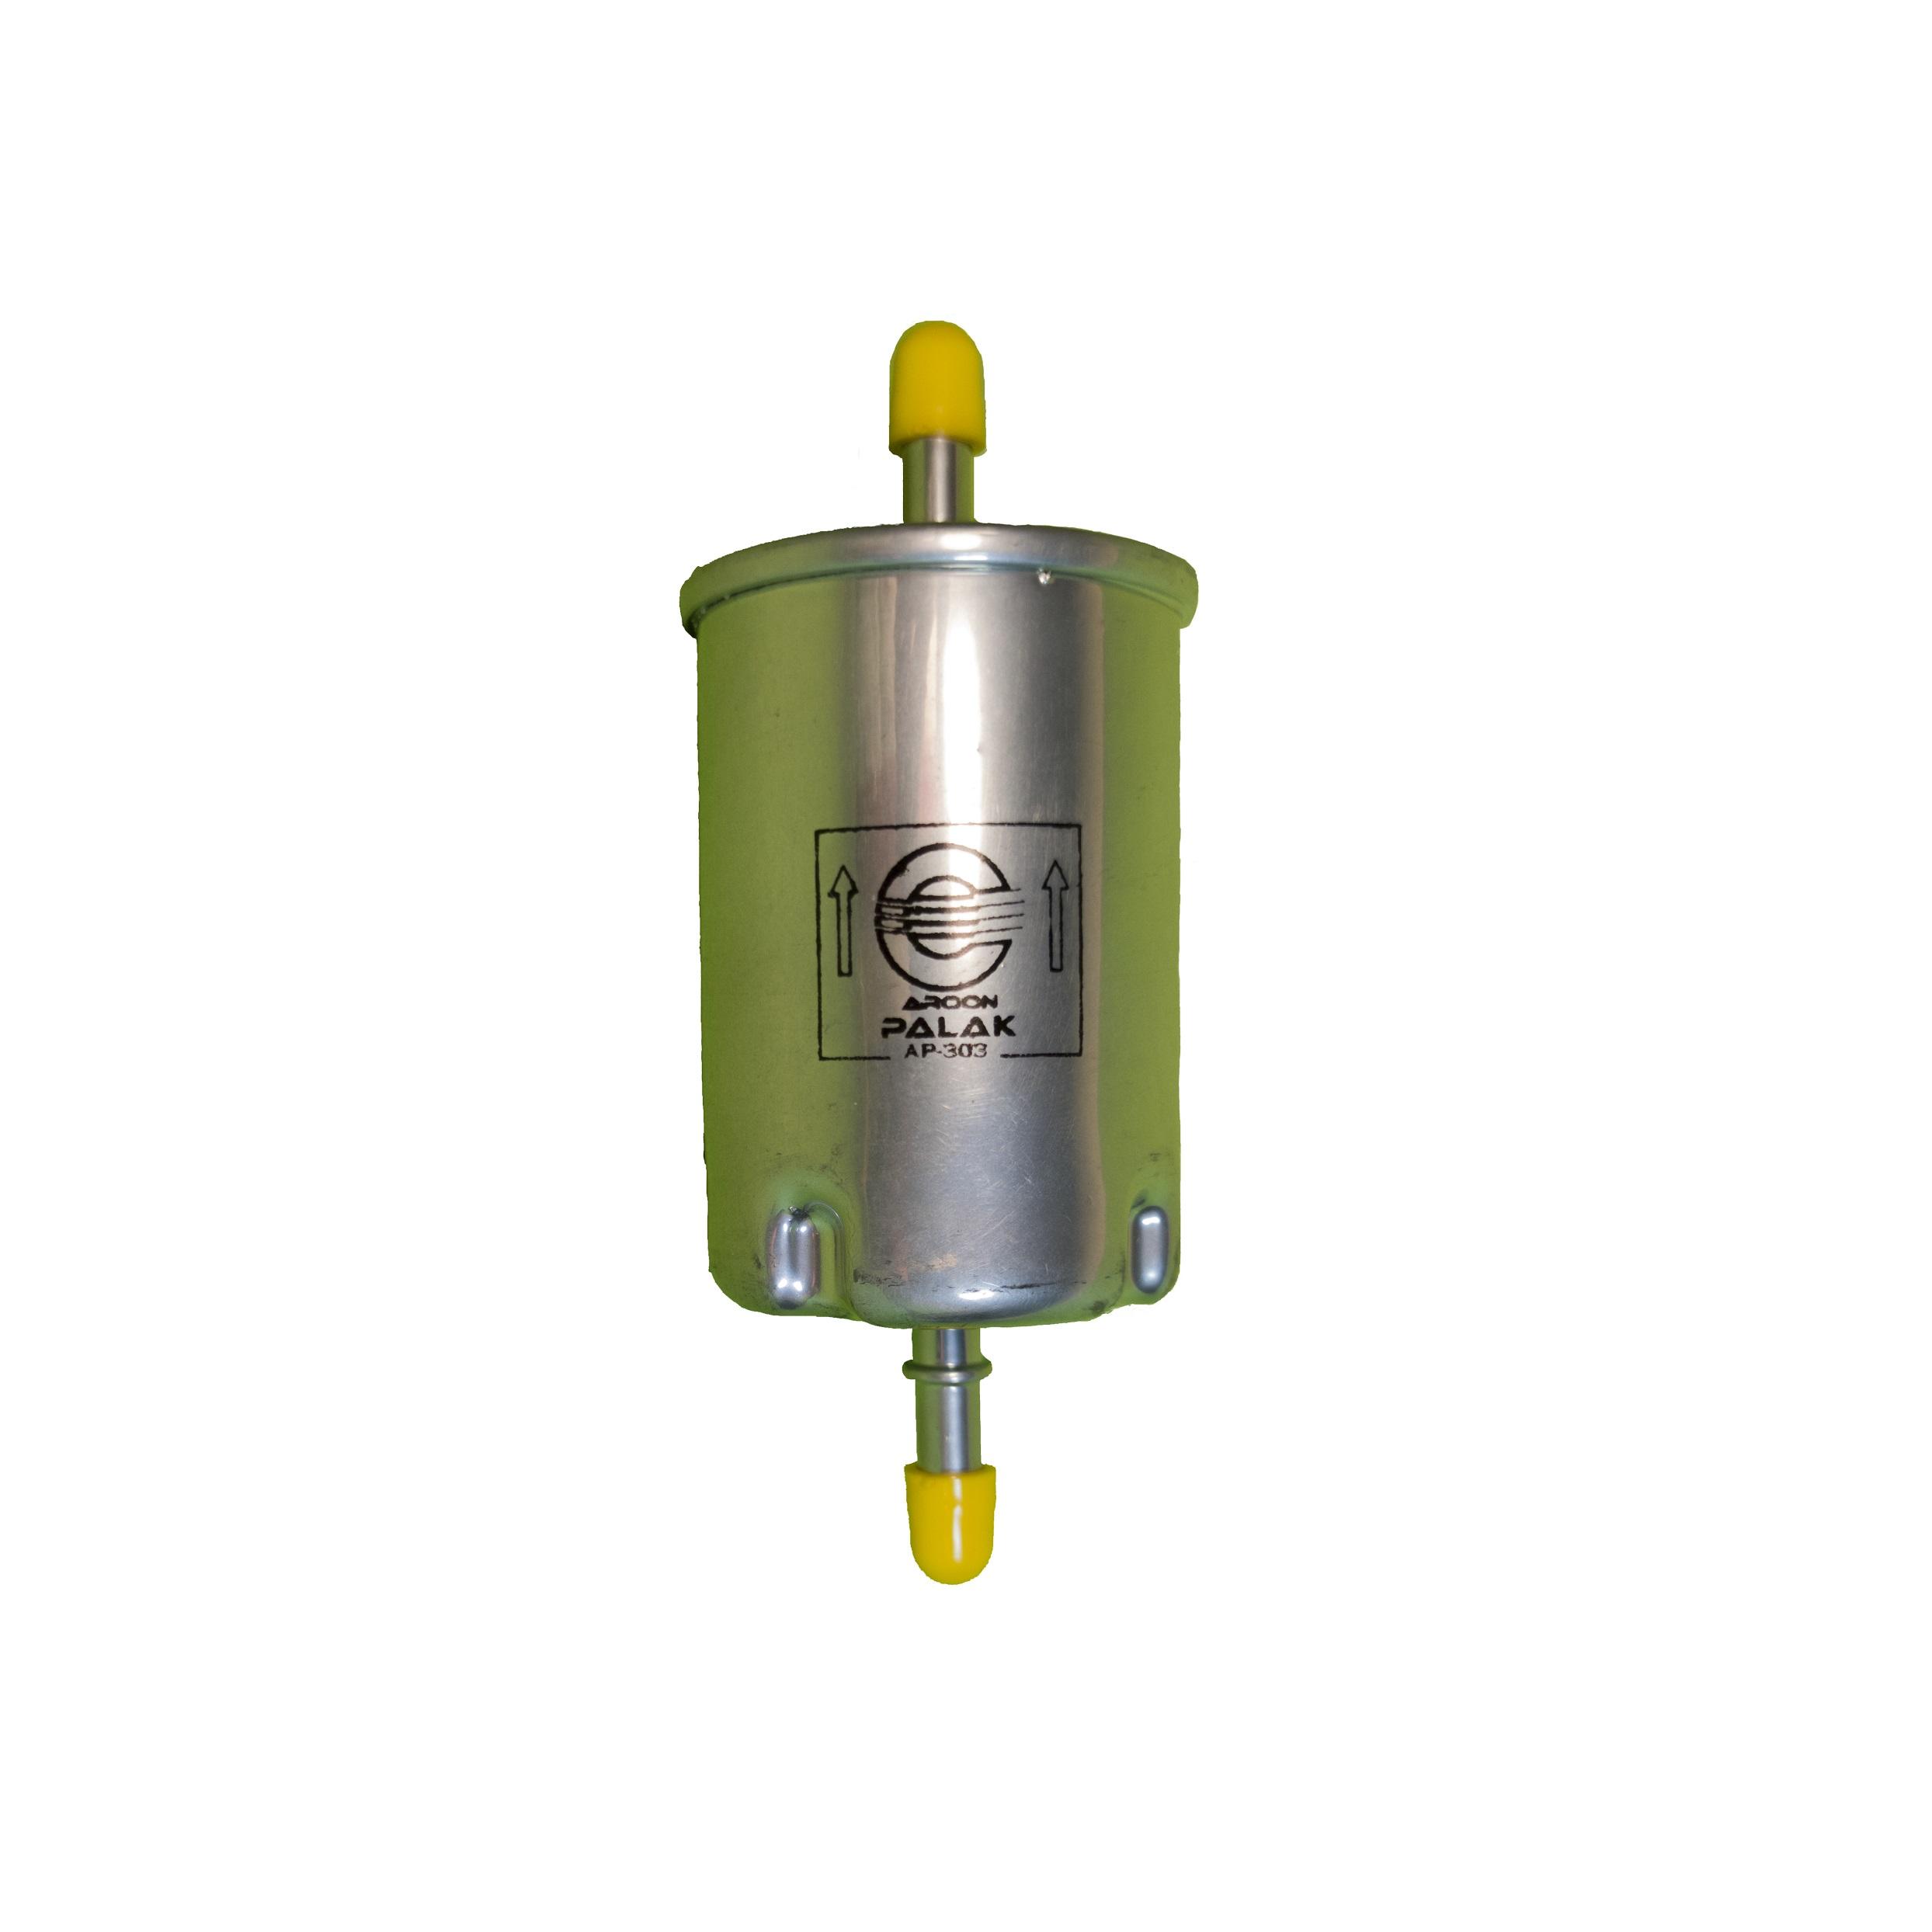 فیلتر بنزین آرون پالاک کد 303